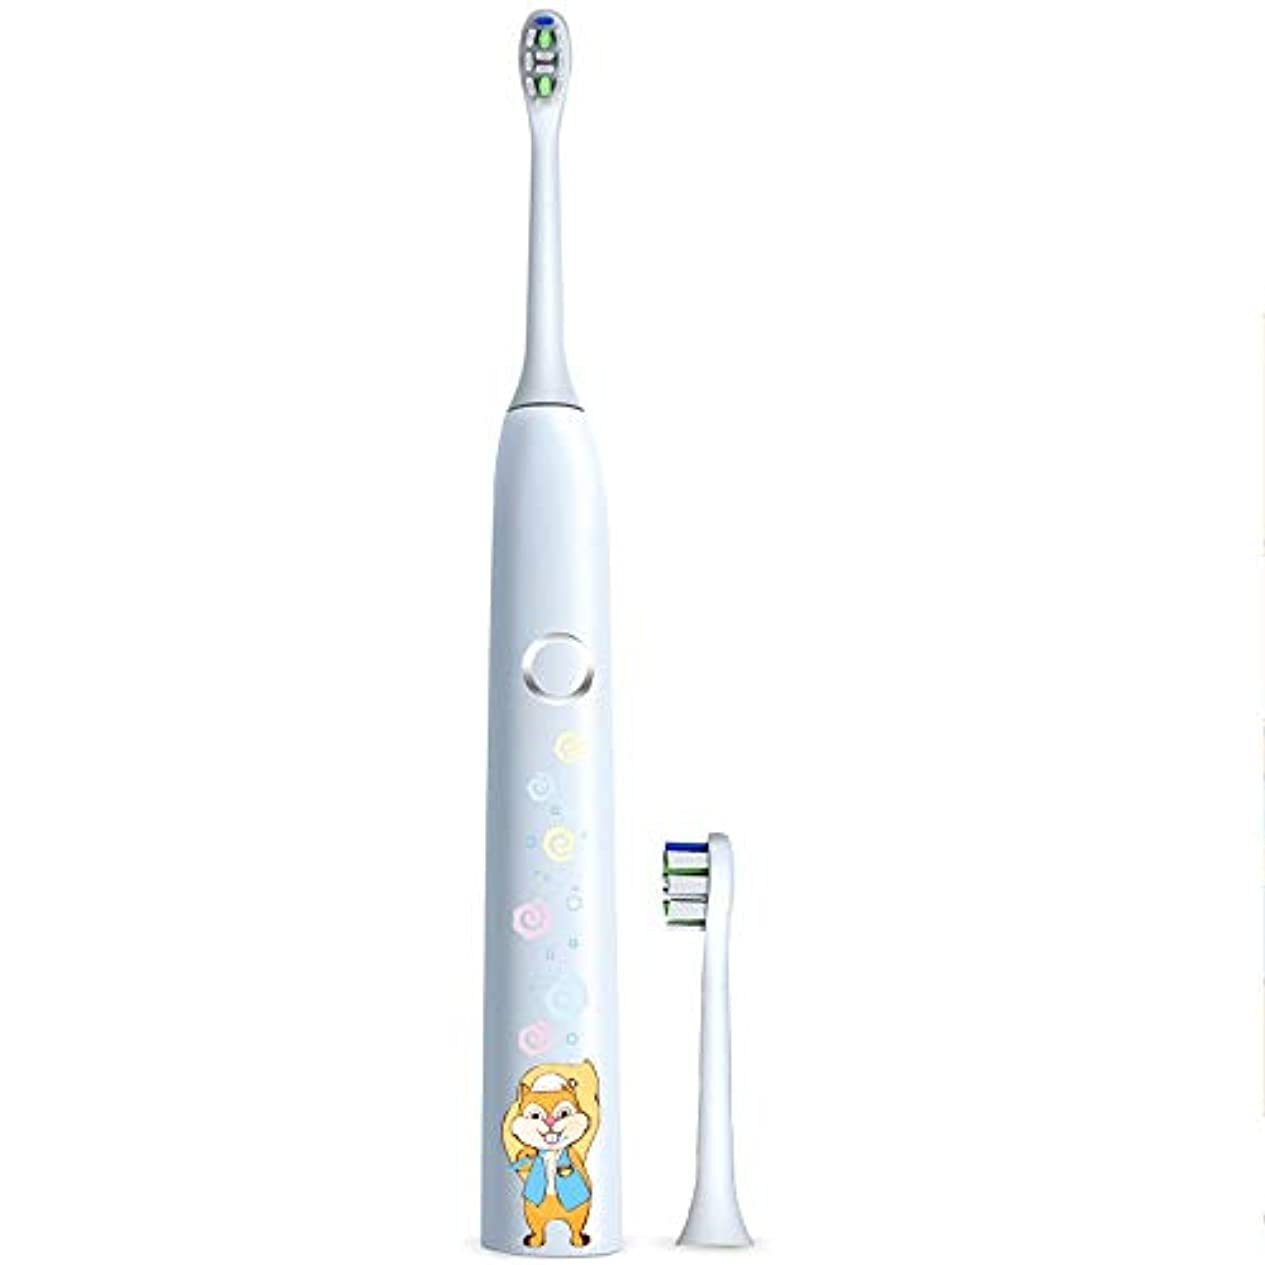 ひらめきジャベスウィルソン騒乱電動歯ブラシ 子供の電動歯ブラシ保護クリーンUSB充電式ソフトヘア歯ブラシ歯医者推奨 ケアー プロテクトクリーン (色 : 白, サイズ : Free size)